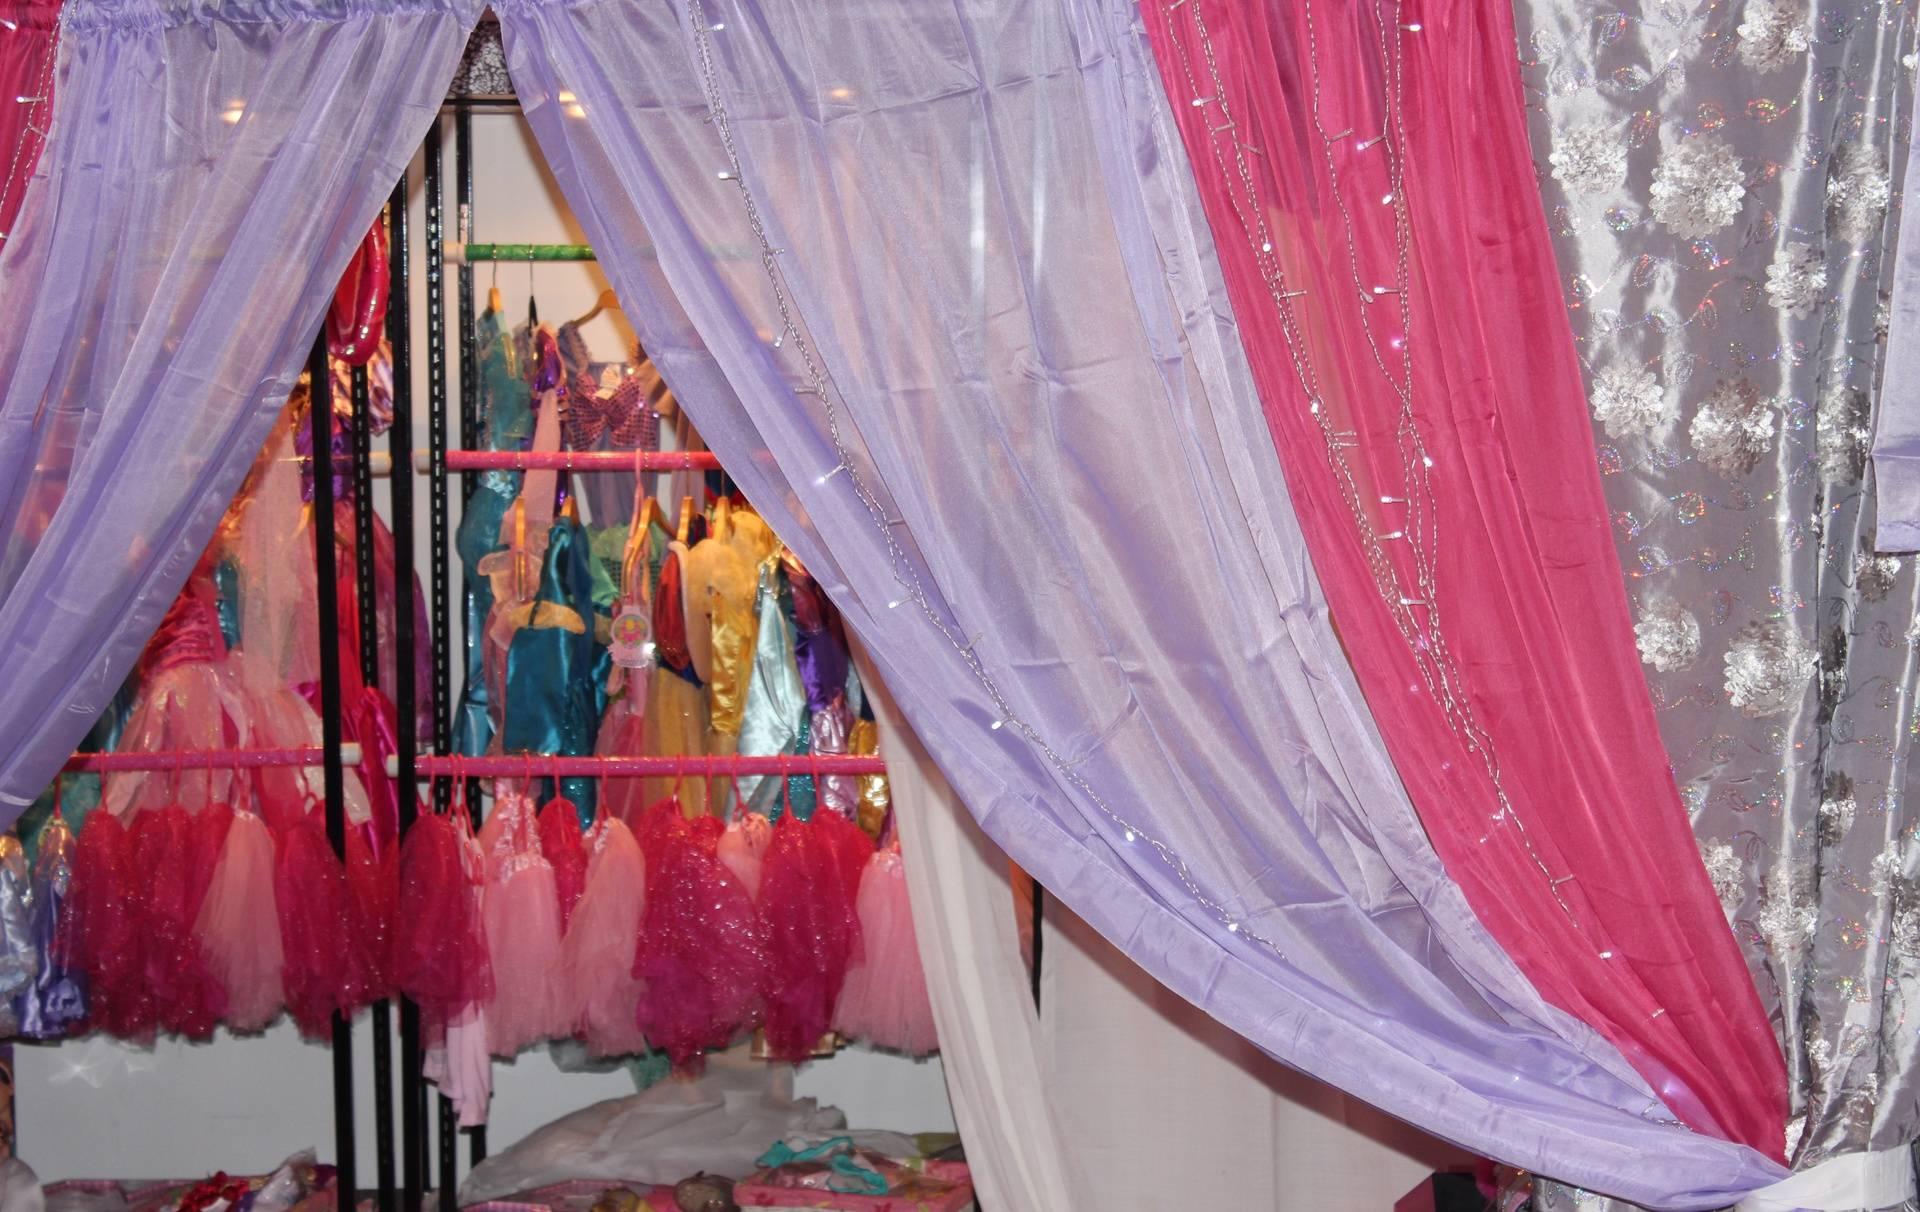 Princess dress up closet